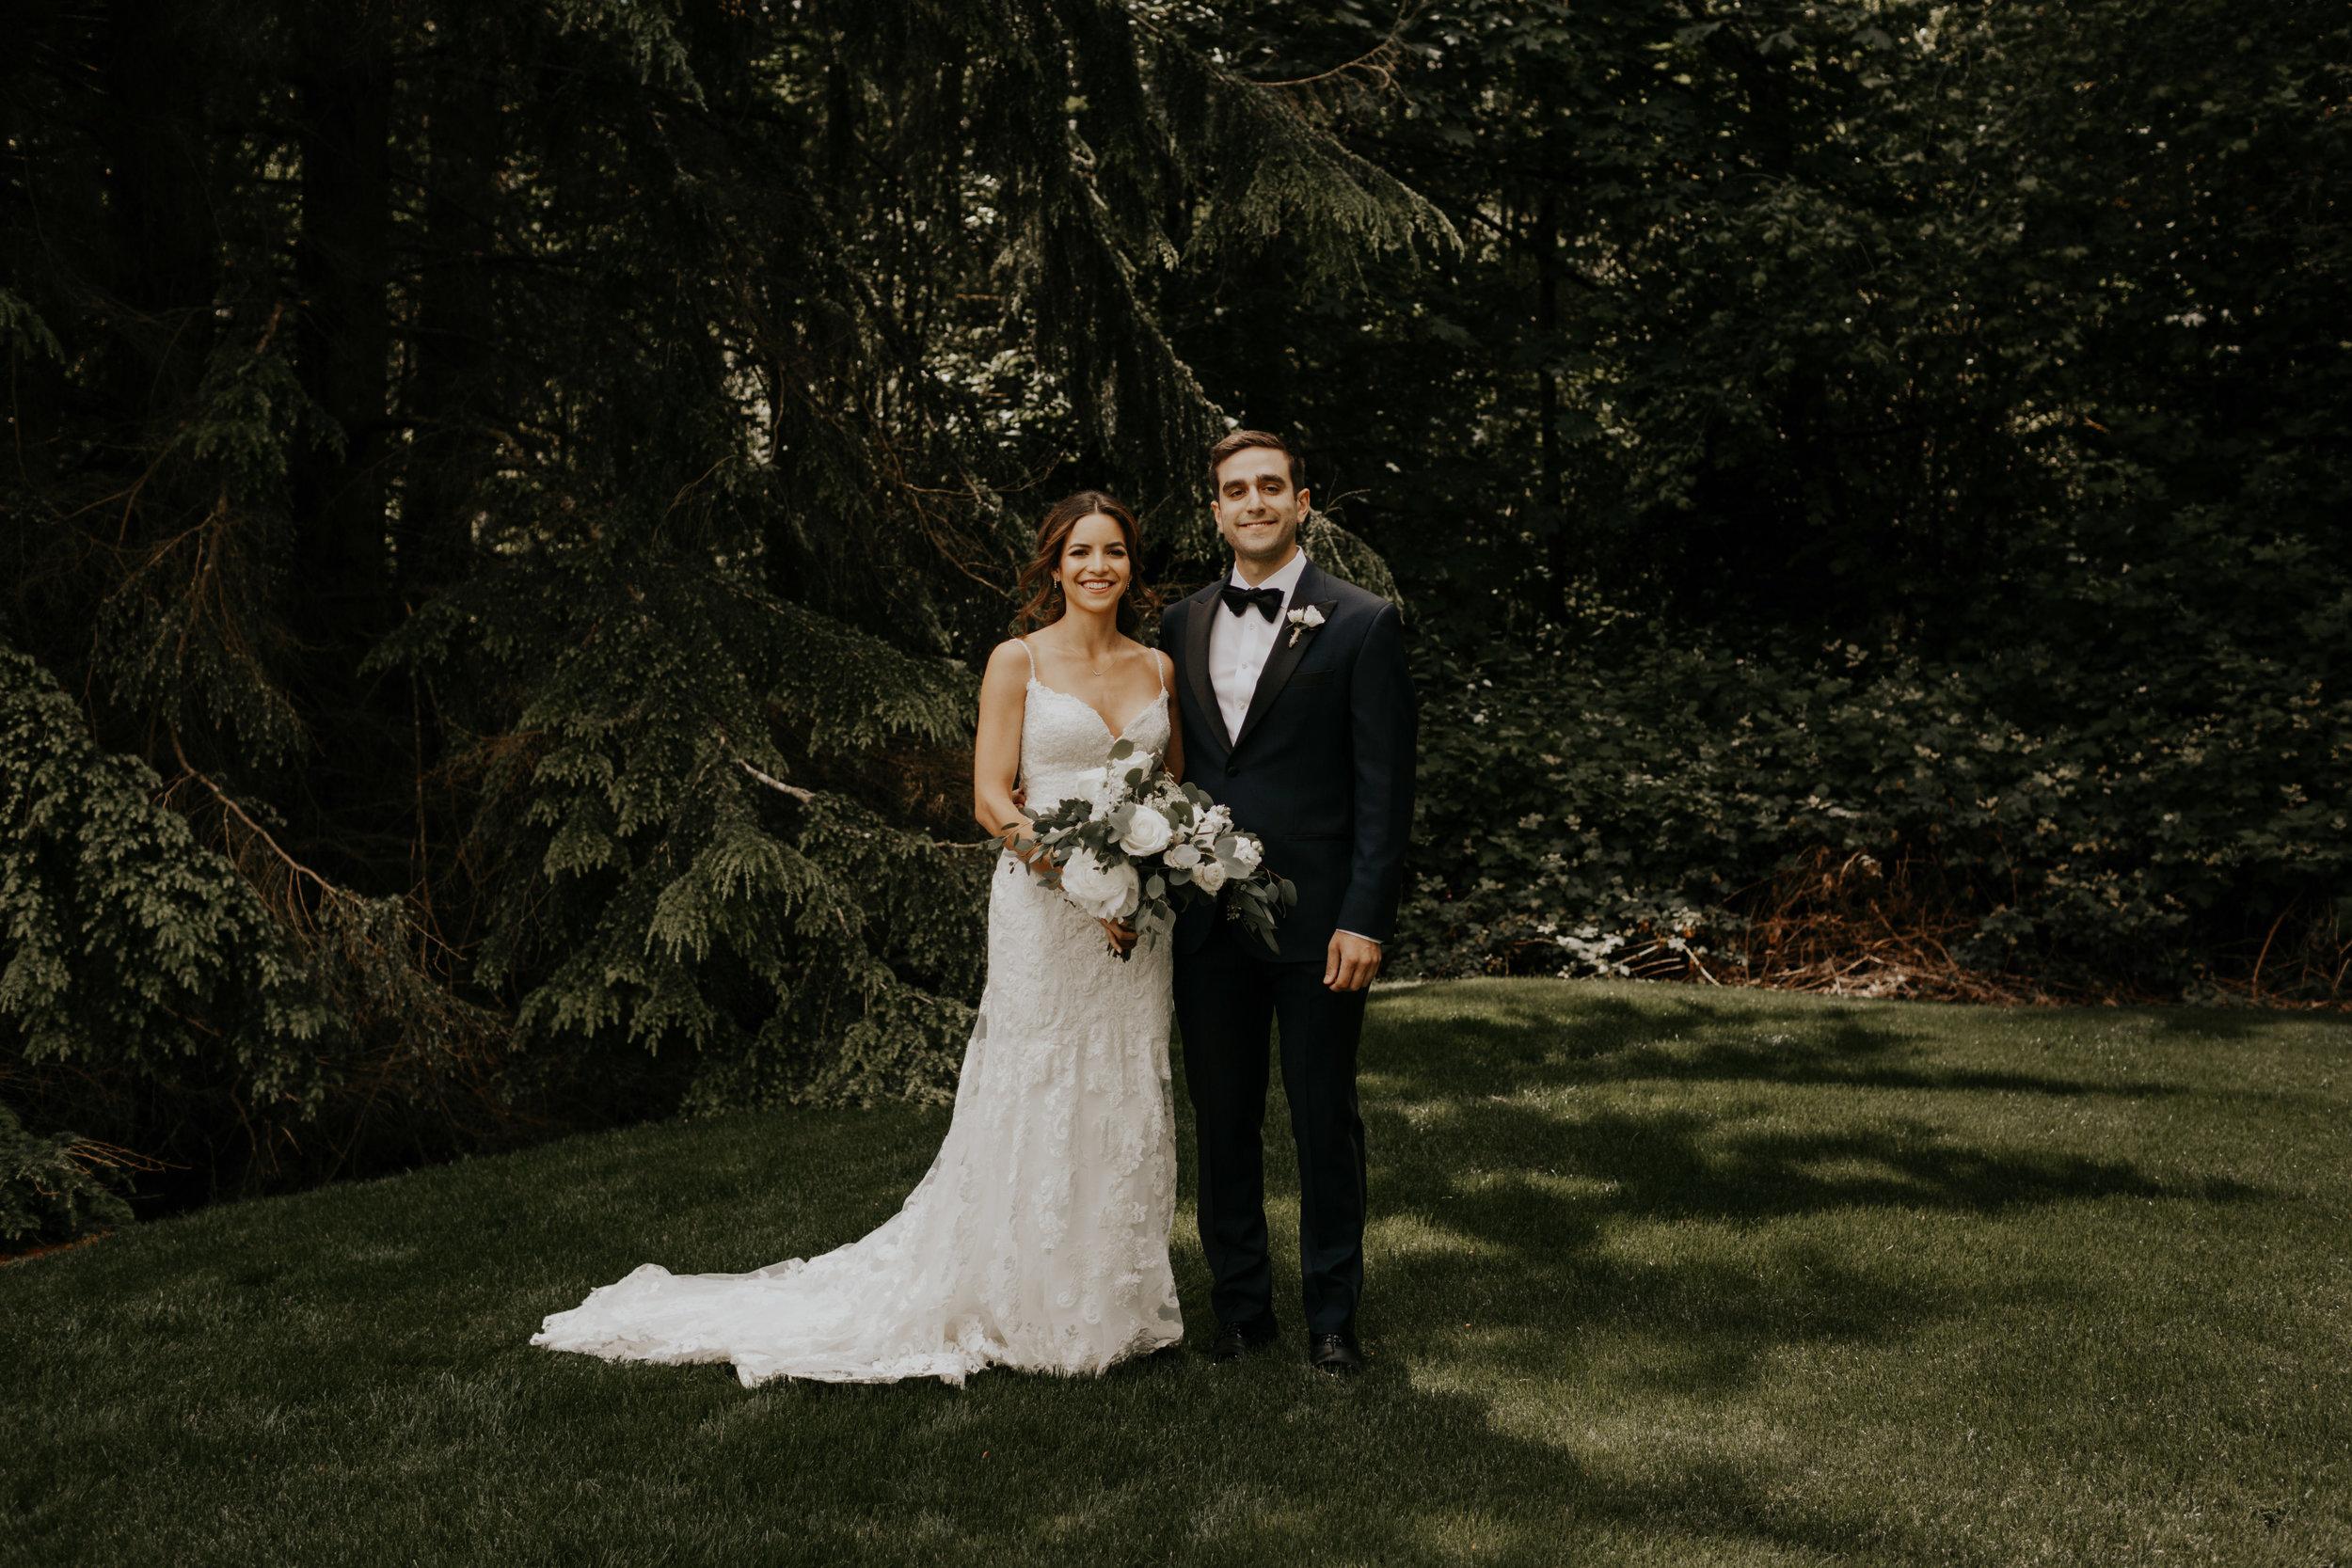 ginapaulson_isabelamichael_wedding-220.jpg